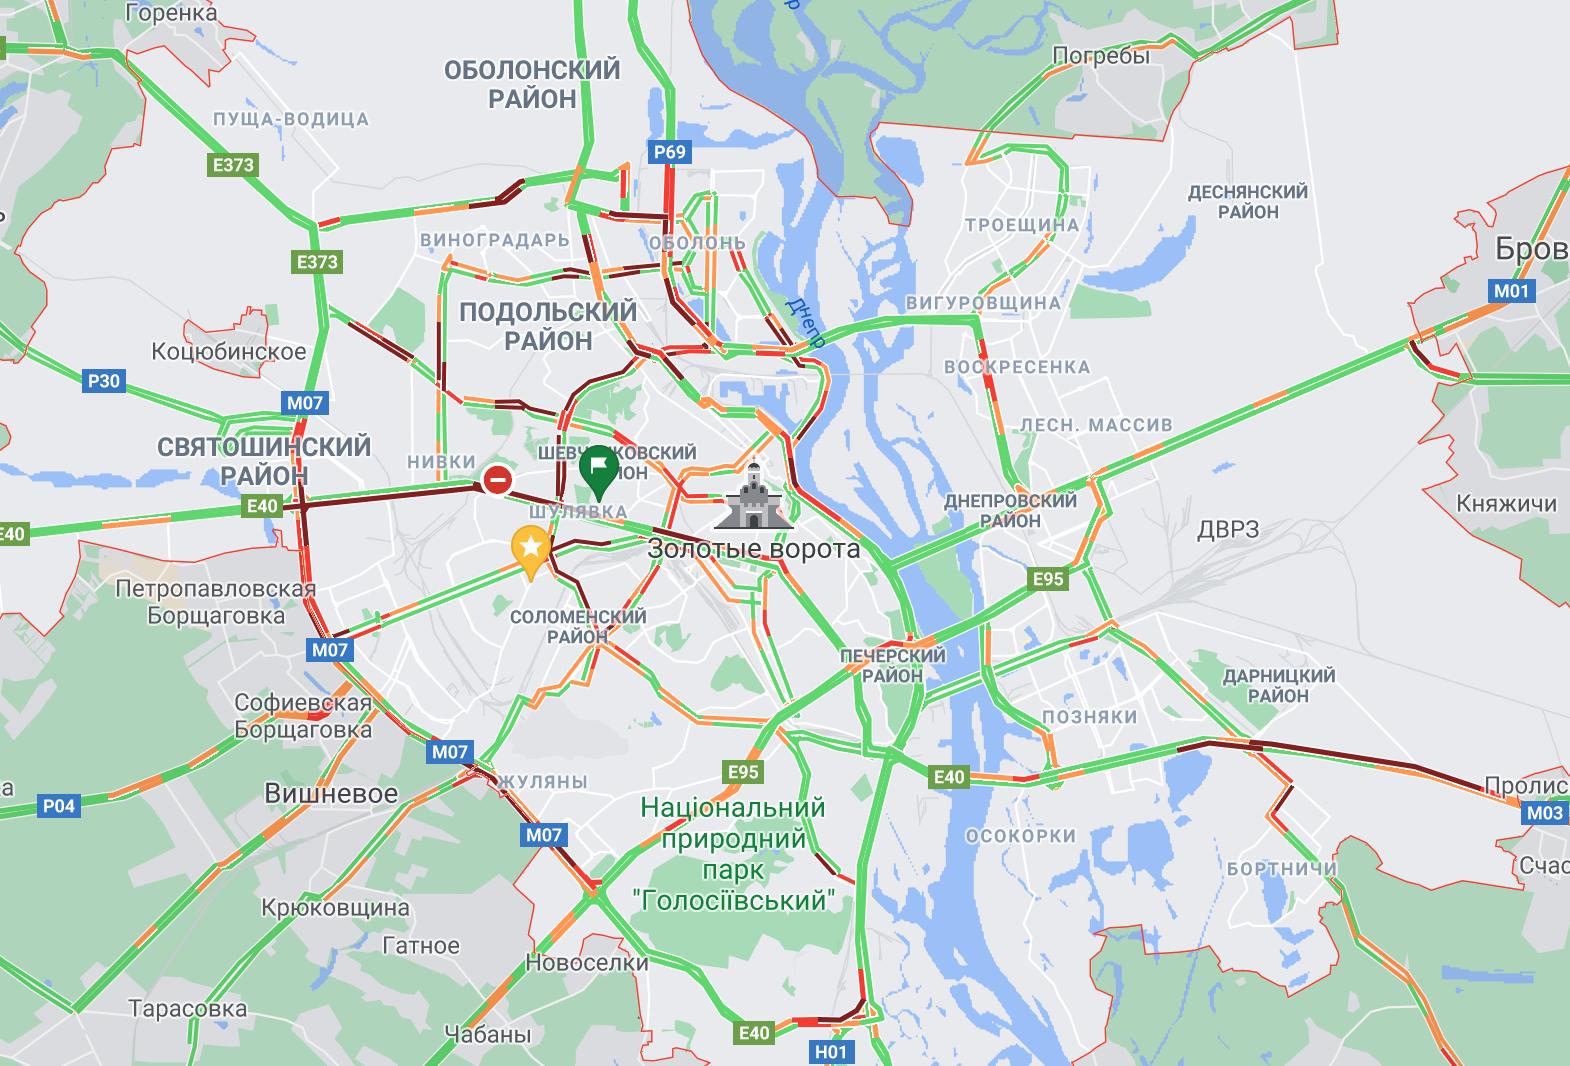 Збій у графіку. Транспорт у Києві через зливу курсує із запізненням